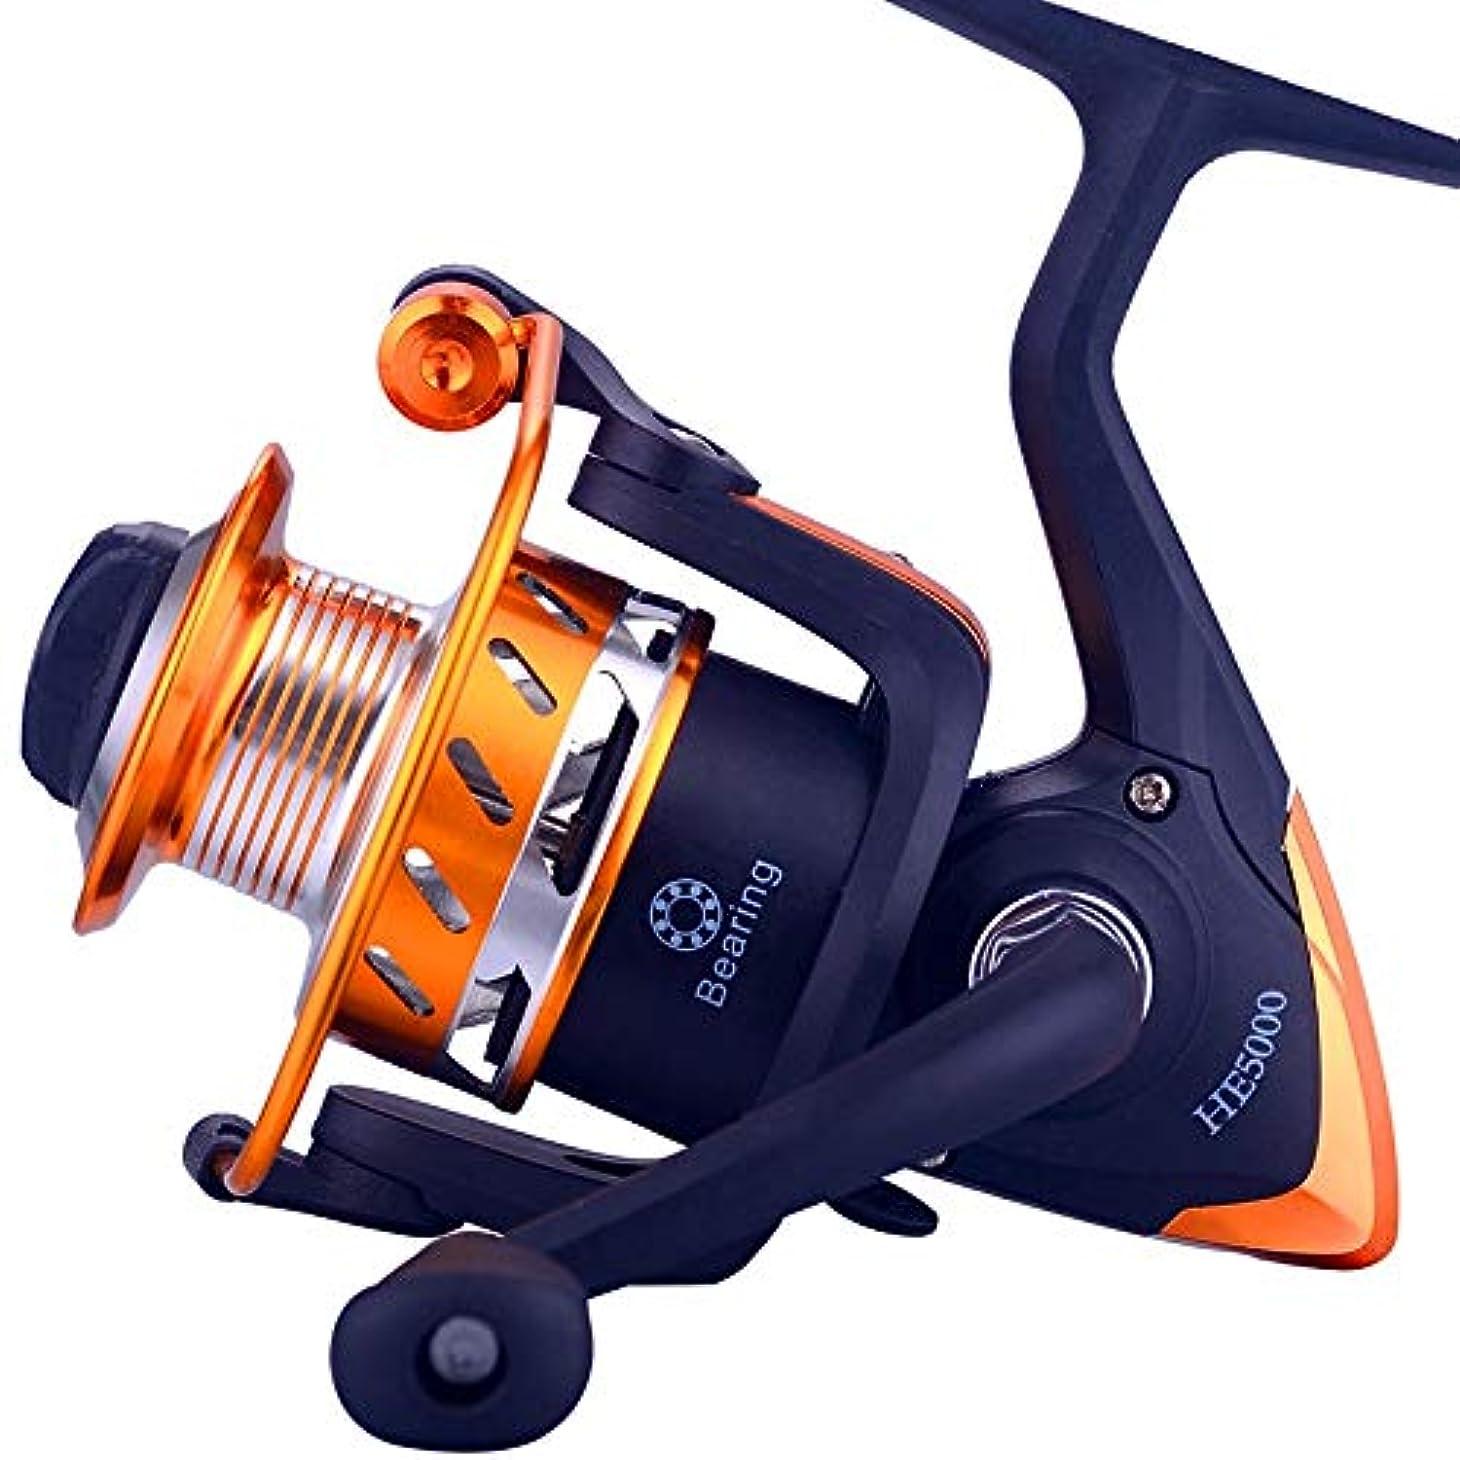 質素なとティームだらしないCLAUDIAR 釣りギアHEスピニングホイールメタル釣りリール釣り糸リール釣り糸魚ホイール鯛ホイールライト超スムーズ (Size : HE2000 black)